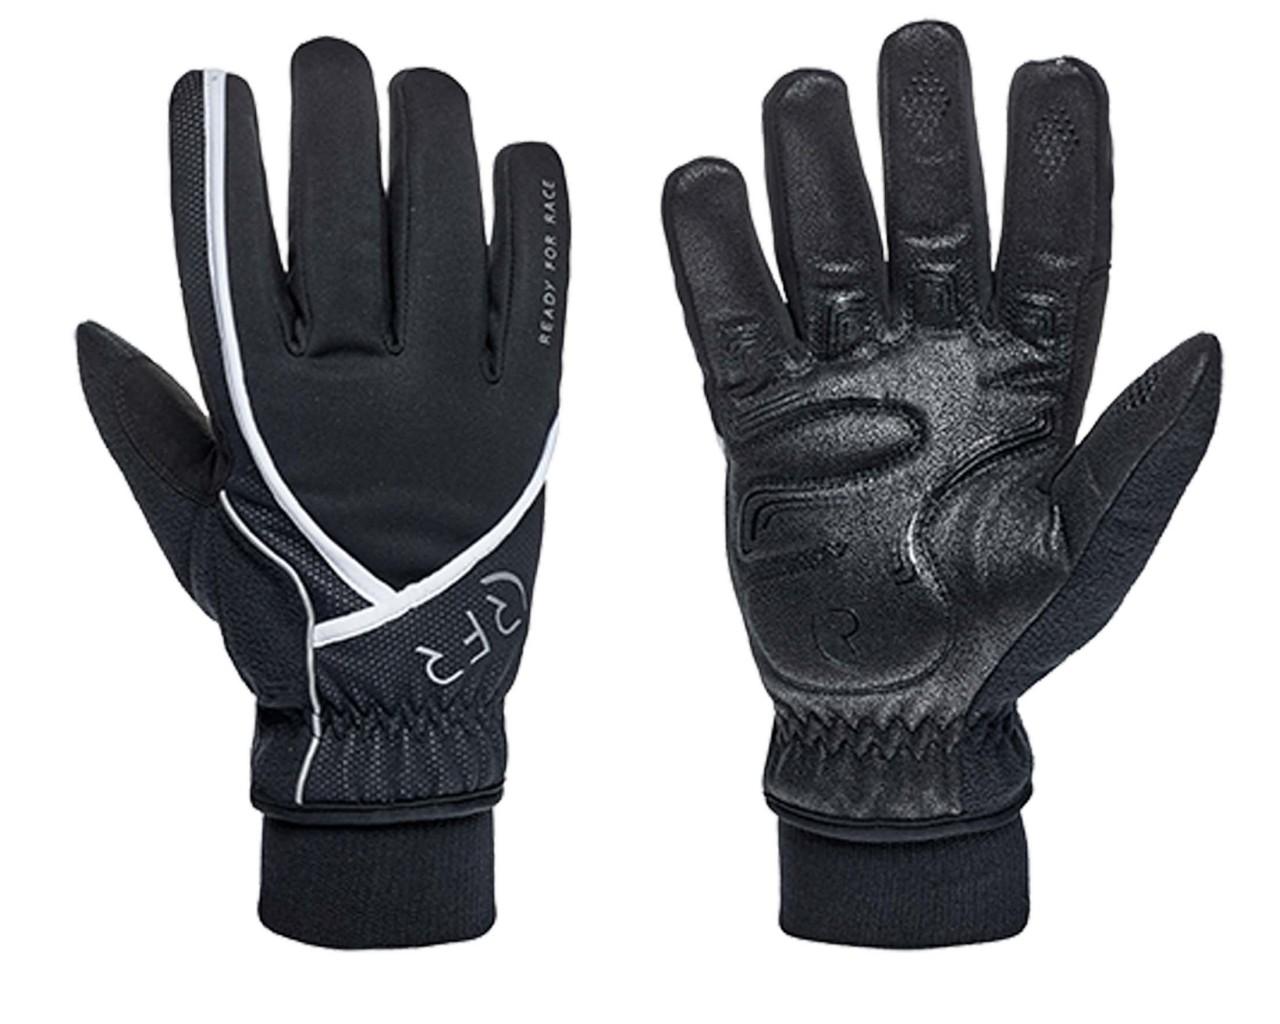 Cube RFR Gloves COMFORT ALL SEASON long finger | black n white